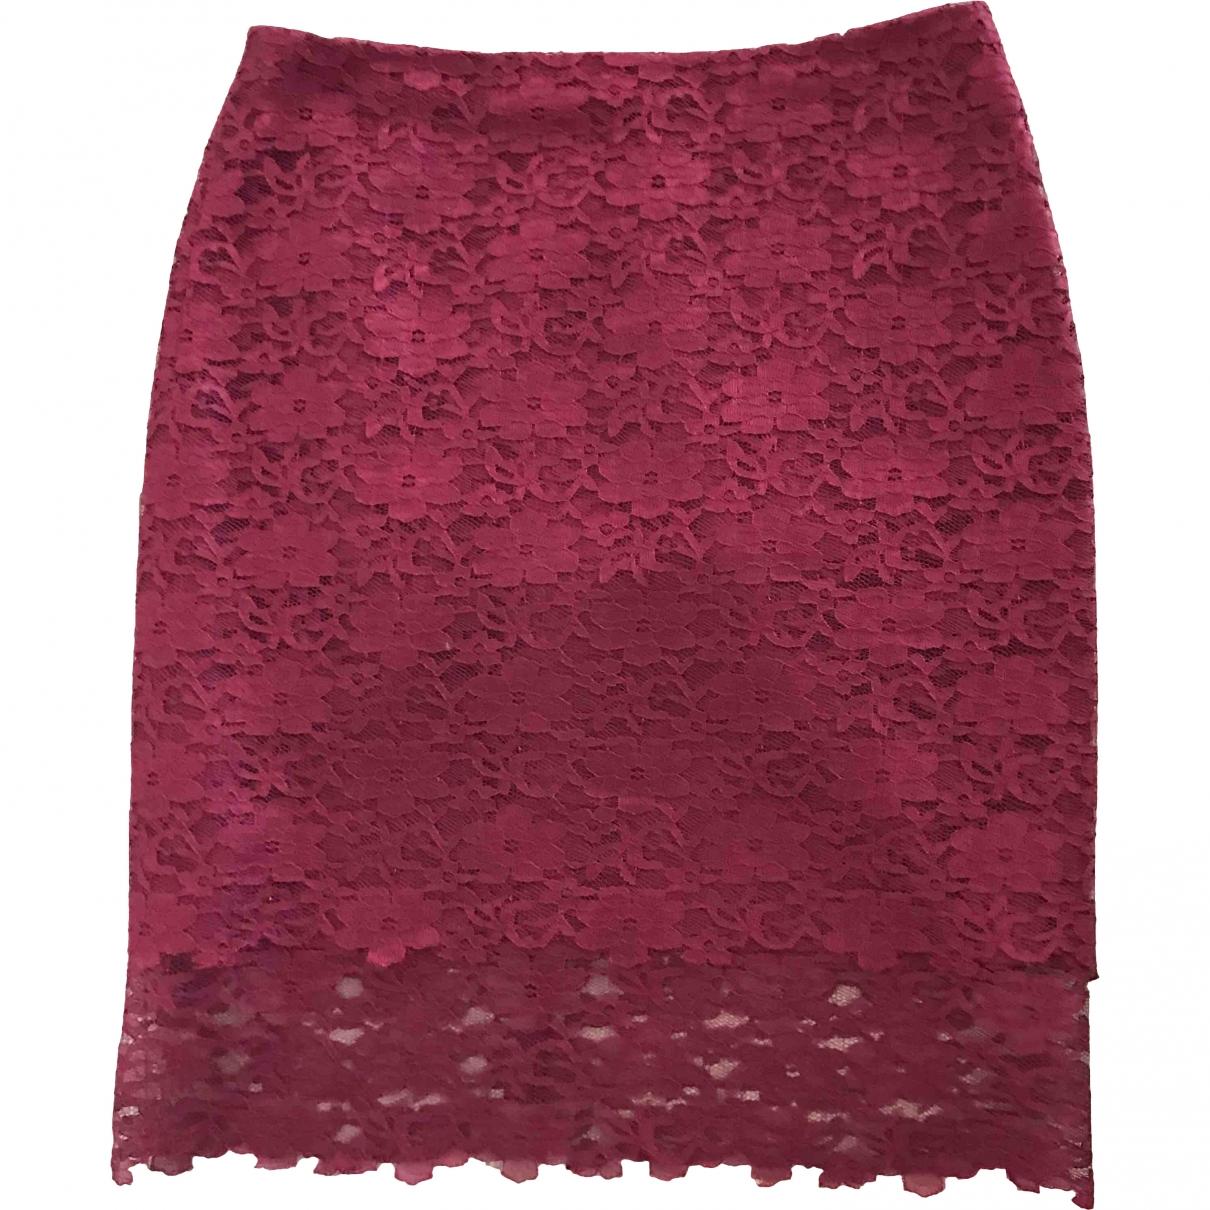 Reiss \N Burgundy skirt for Women 6 UK